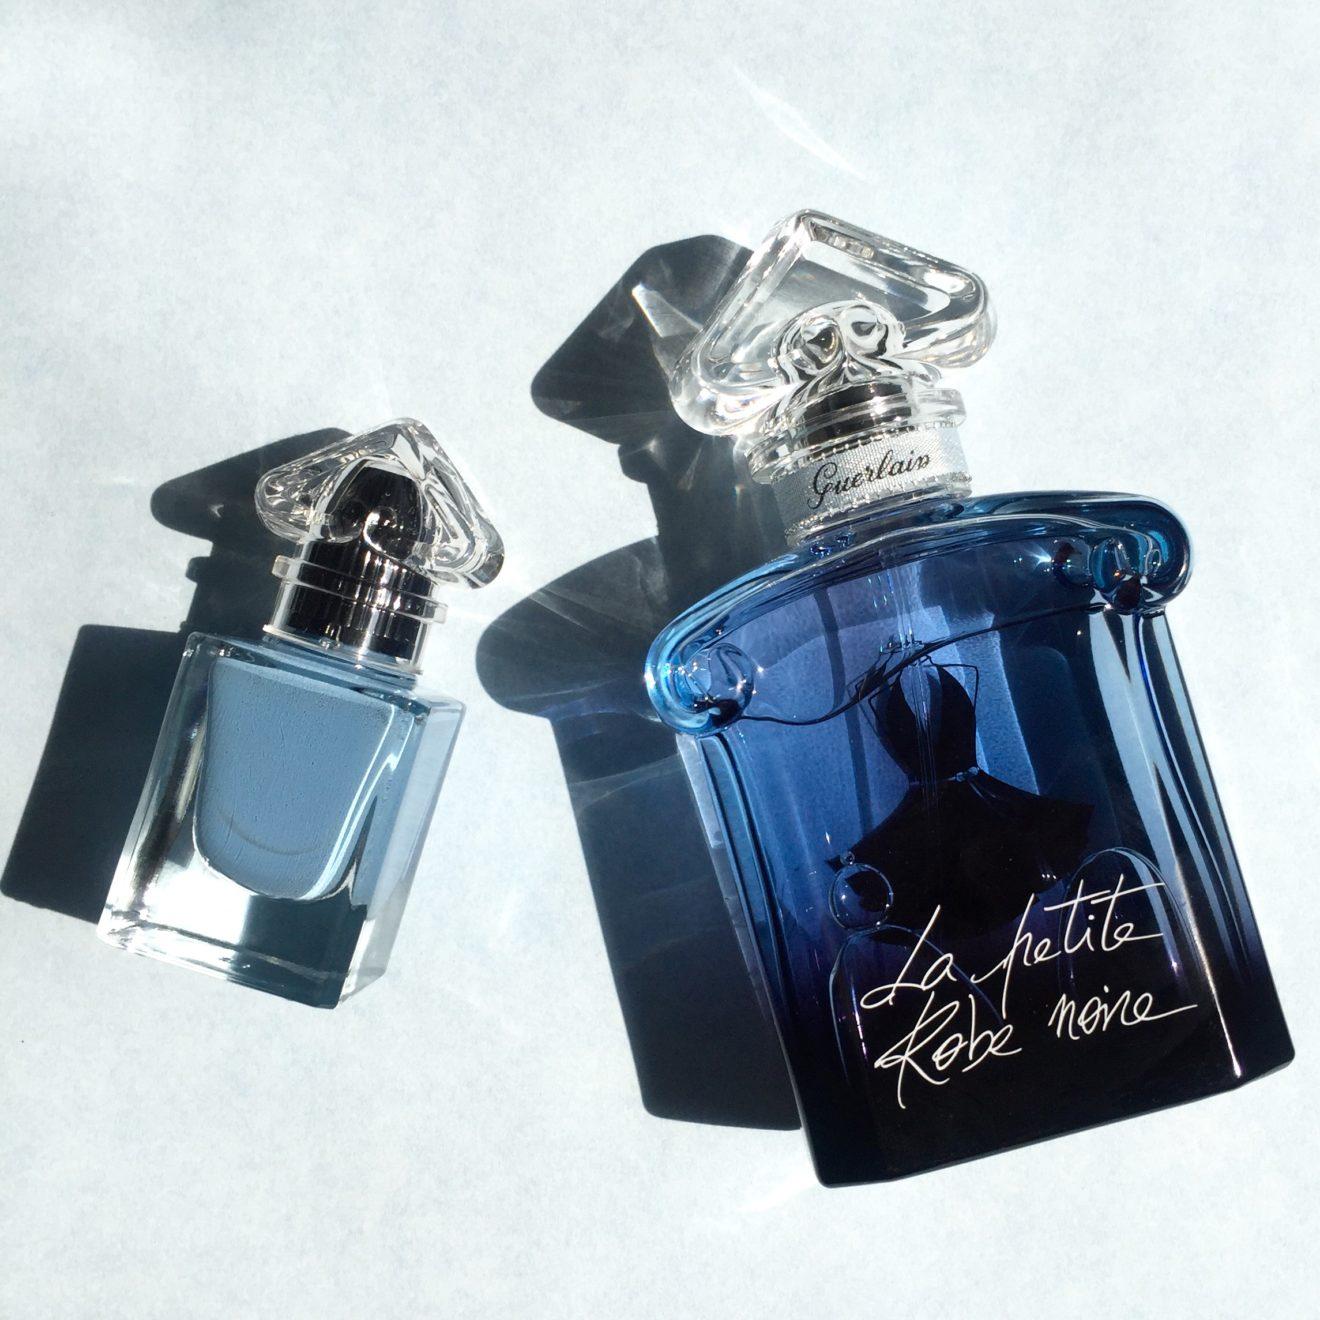 La petite robe noire eau de parfum opinioni